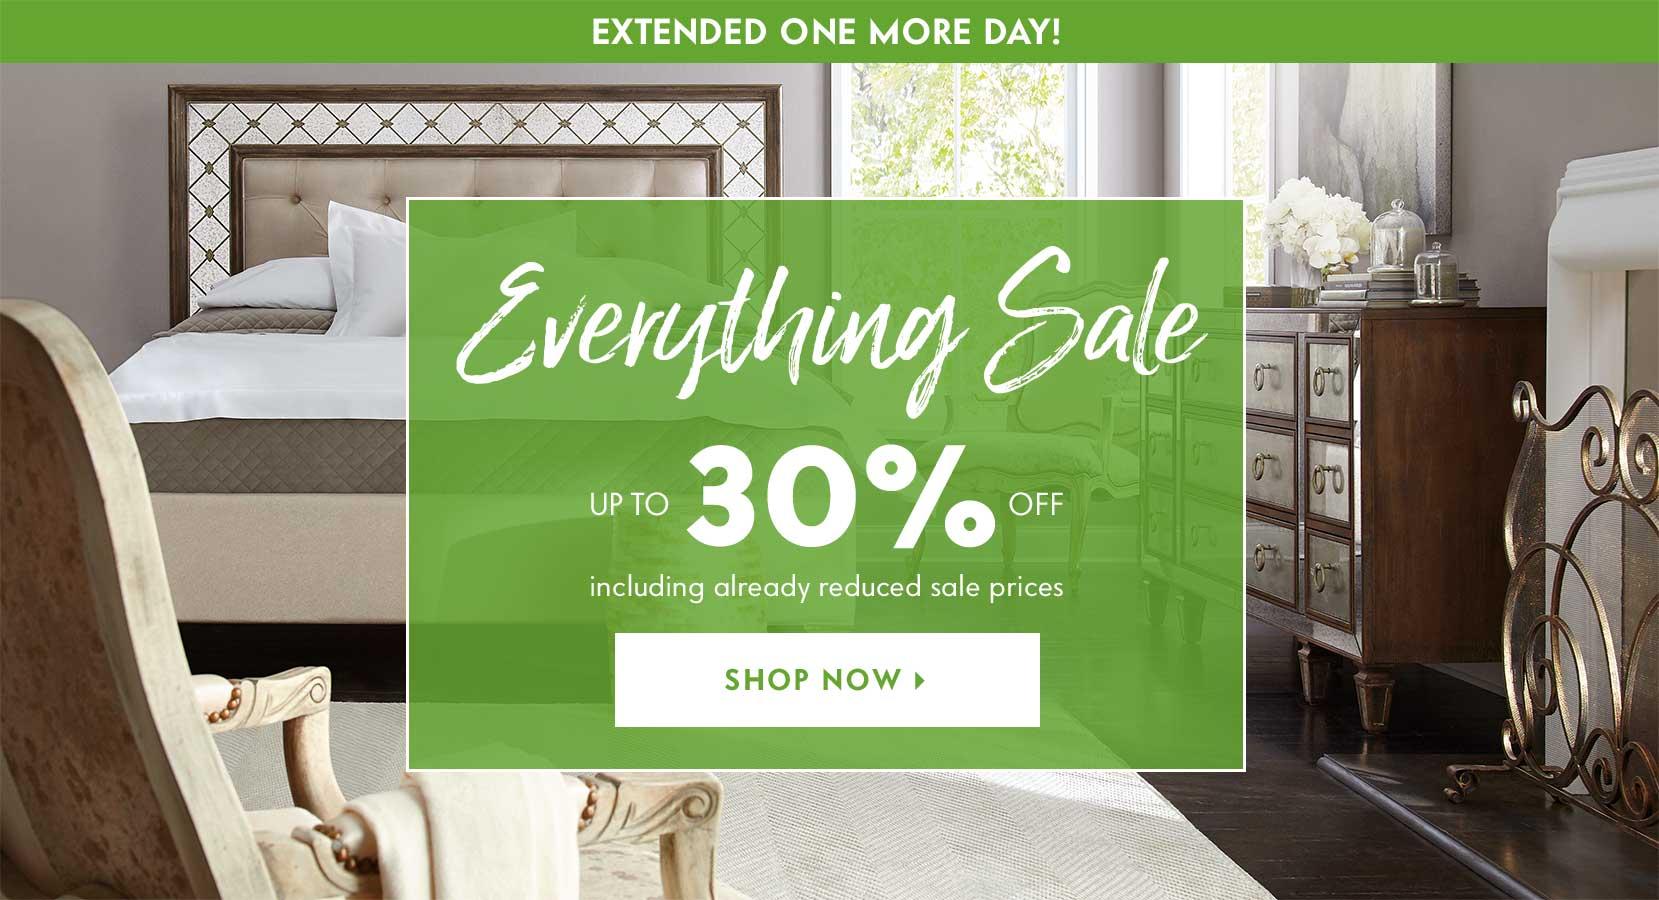 Dinnerware, Bedroom Furniture, Chandeliers & Sectional